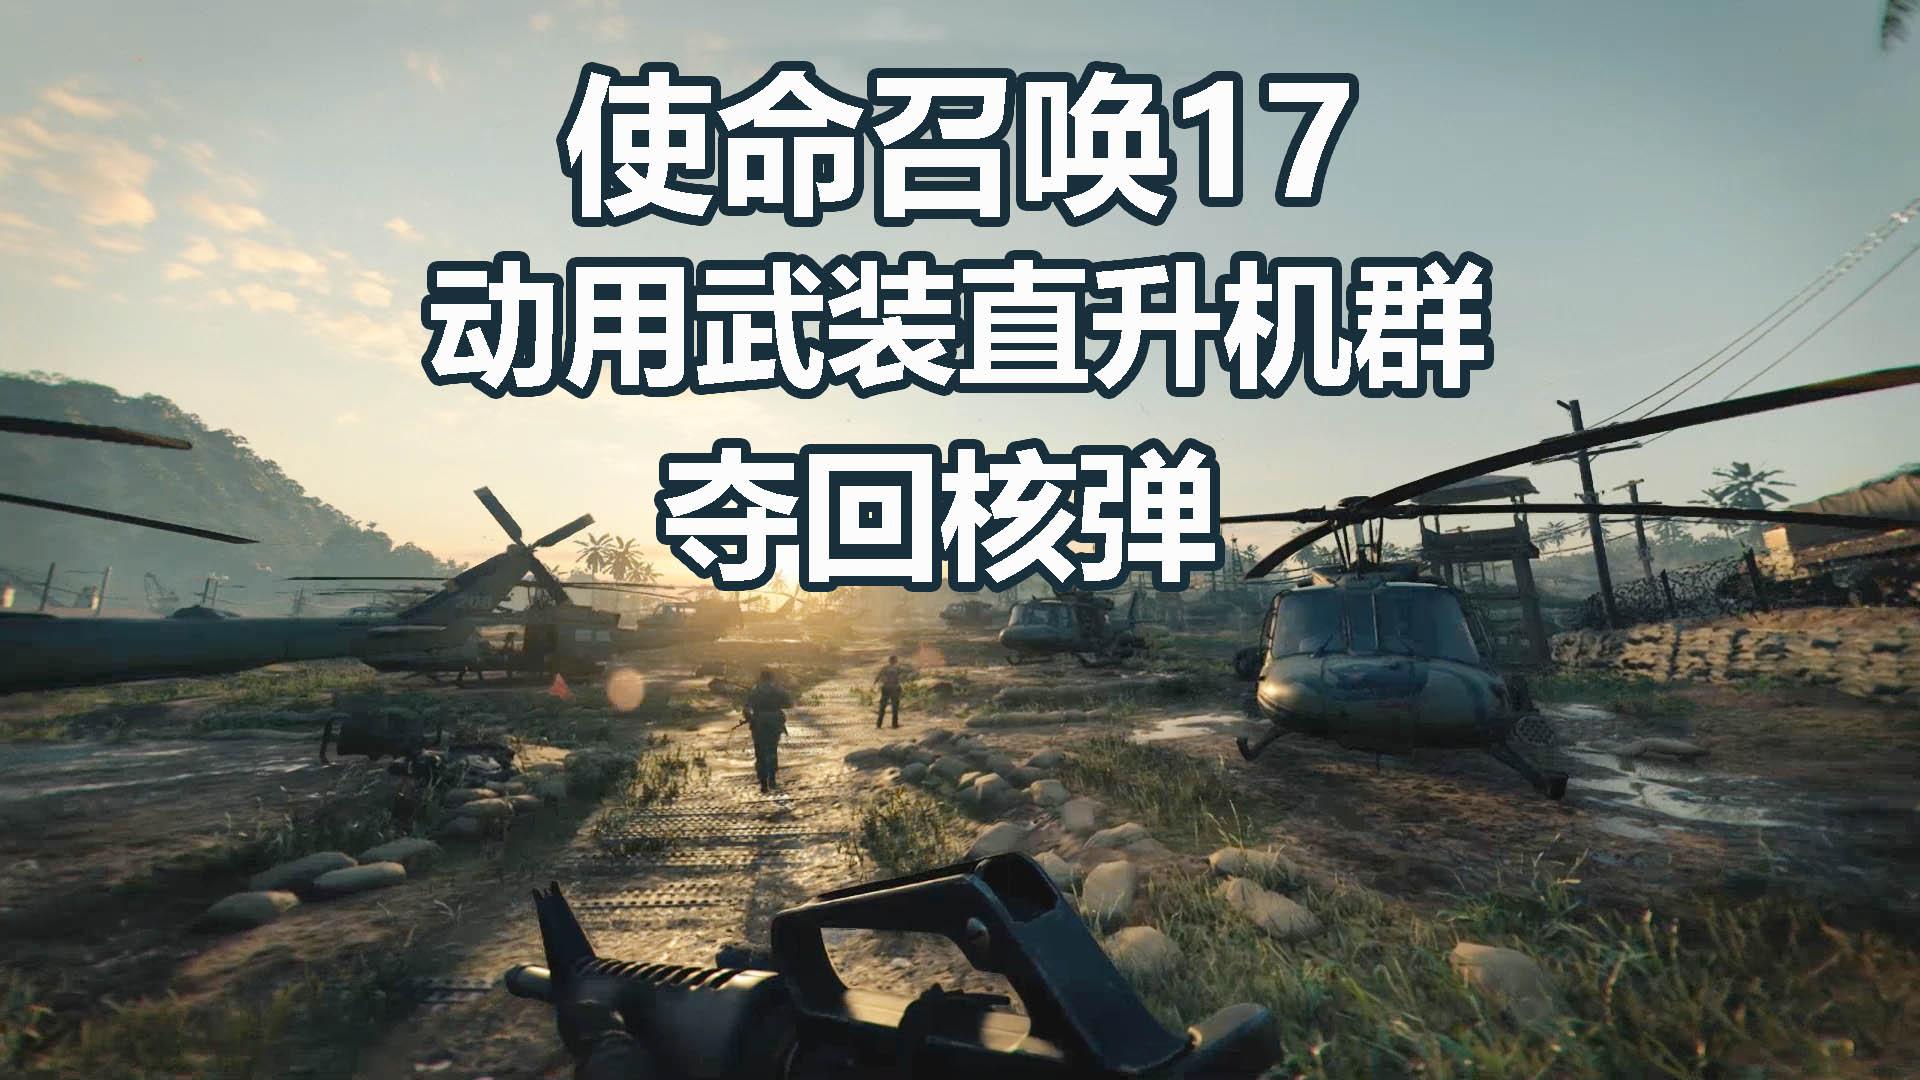 使命召唤17:动用武装直升机群,全程空中重火力压制,夺回核弹